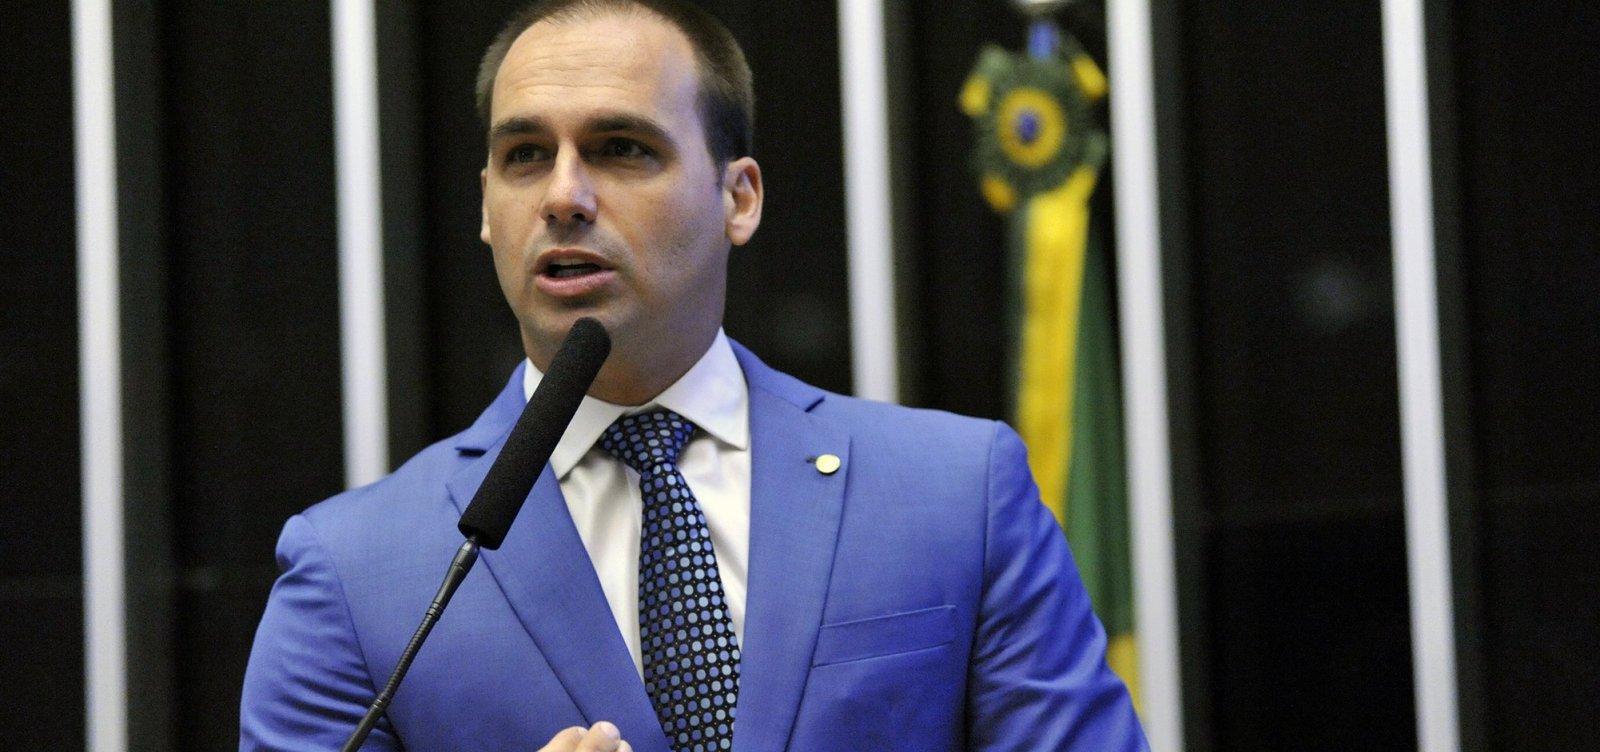 Dirigir carro é mais difícil que usar arma, diz Eduardo Bolsonaro